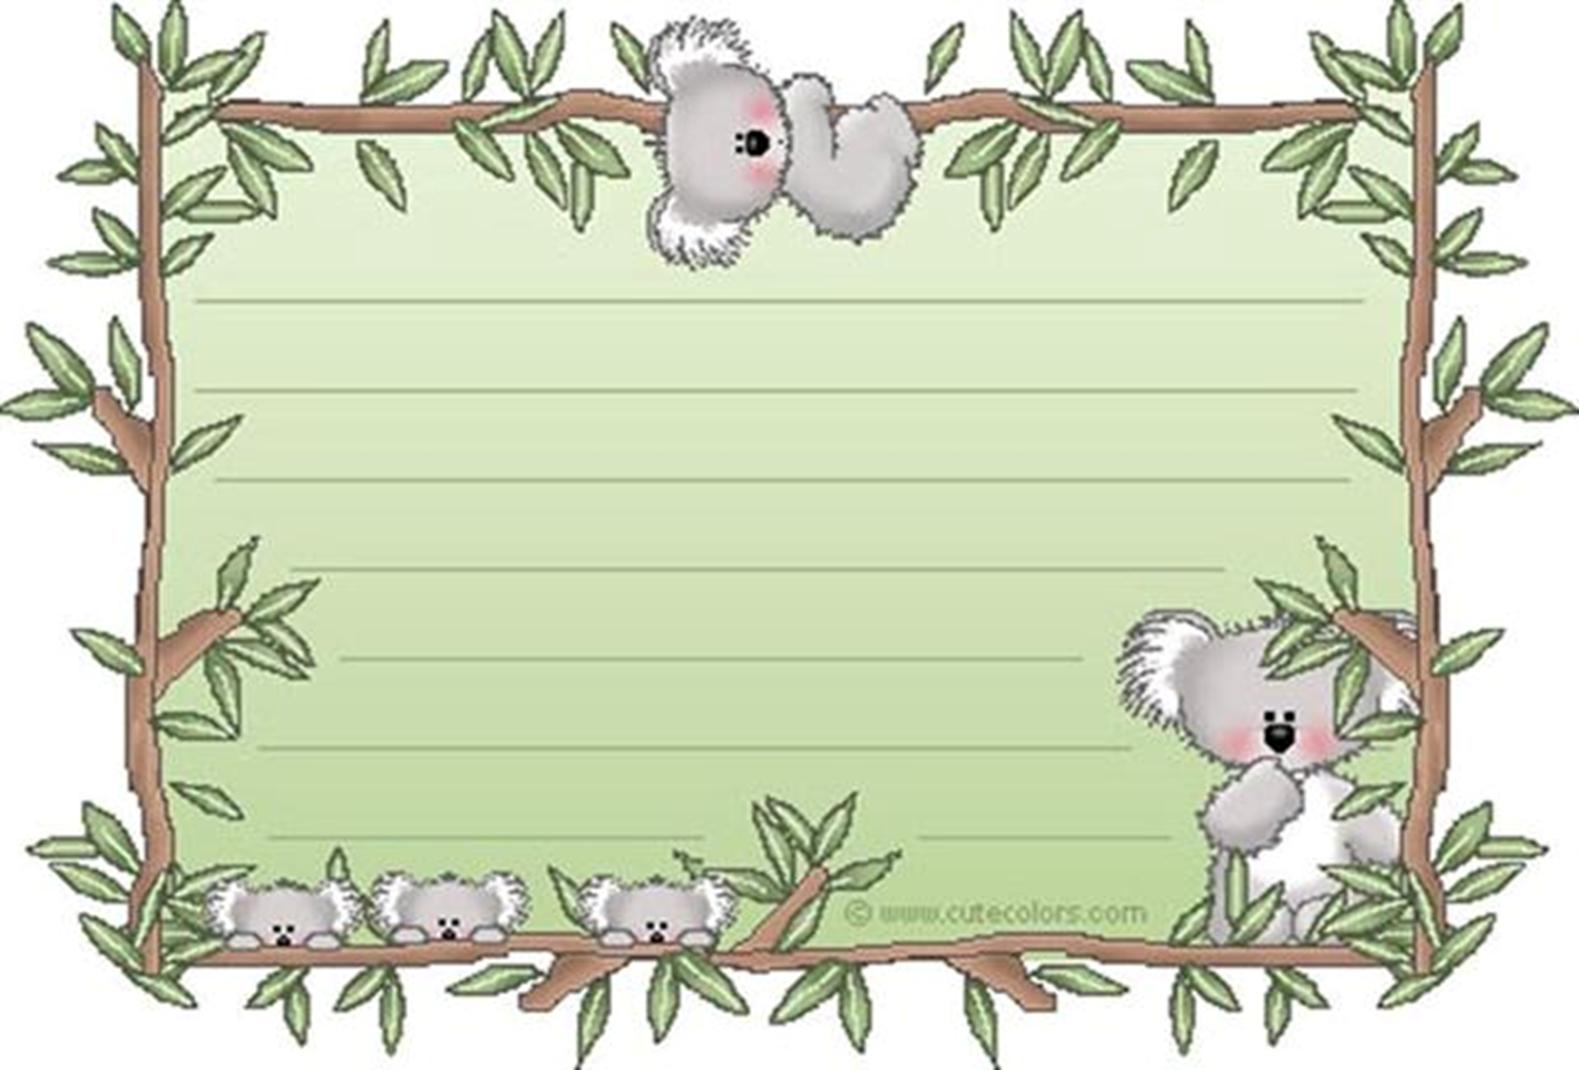 Algopekes marco koala for Paginas decoradas